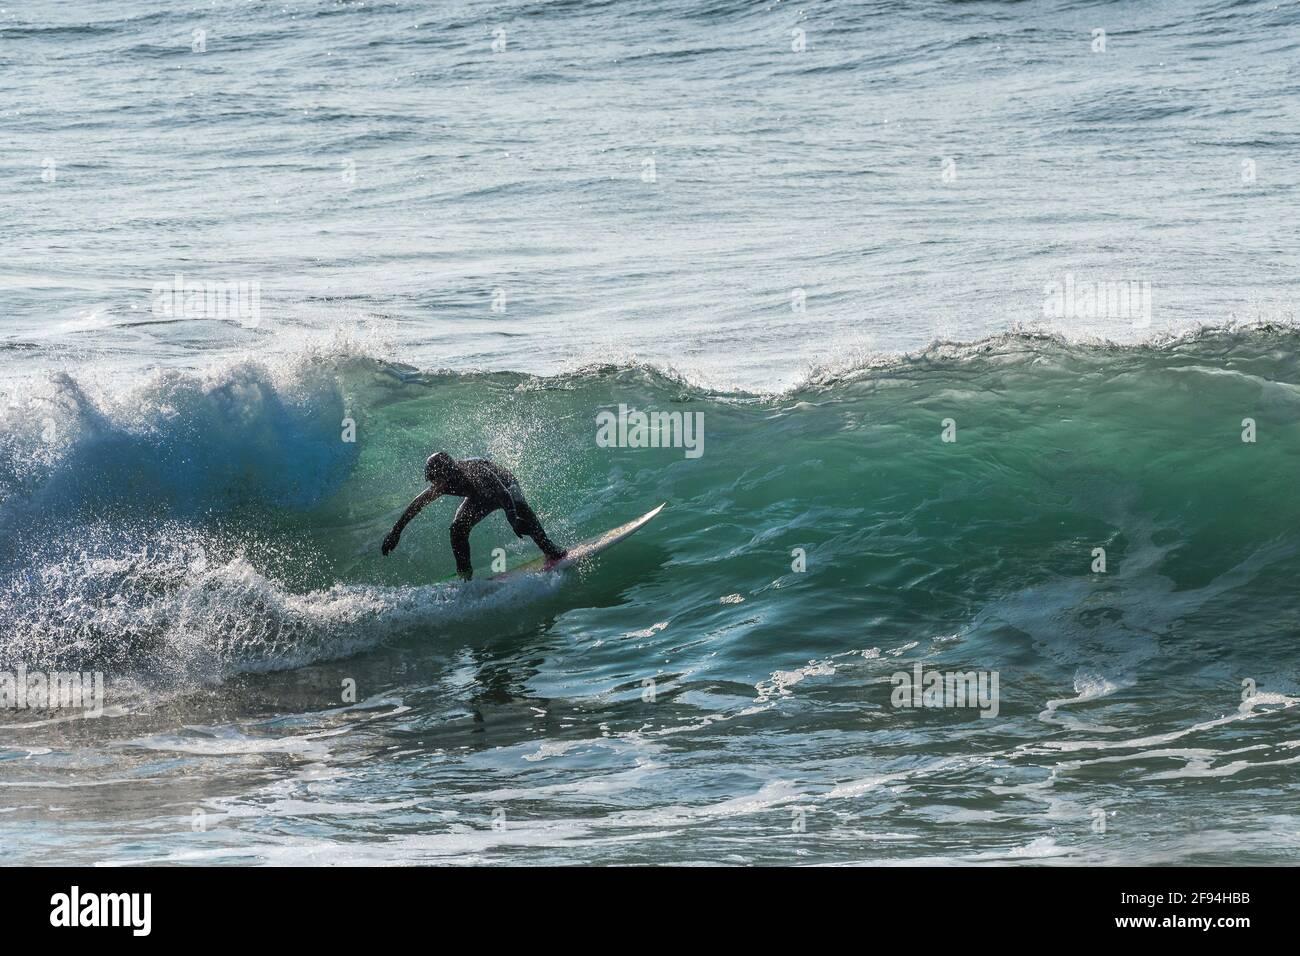 Un surfeur à cheval sur une vague dans la baie de Fistral à Newquay en Cornwall. Banque D'Images